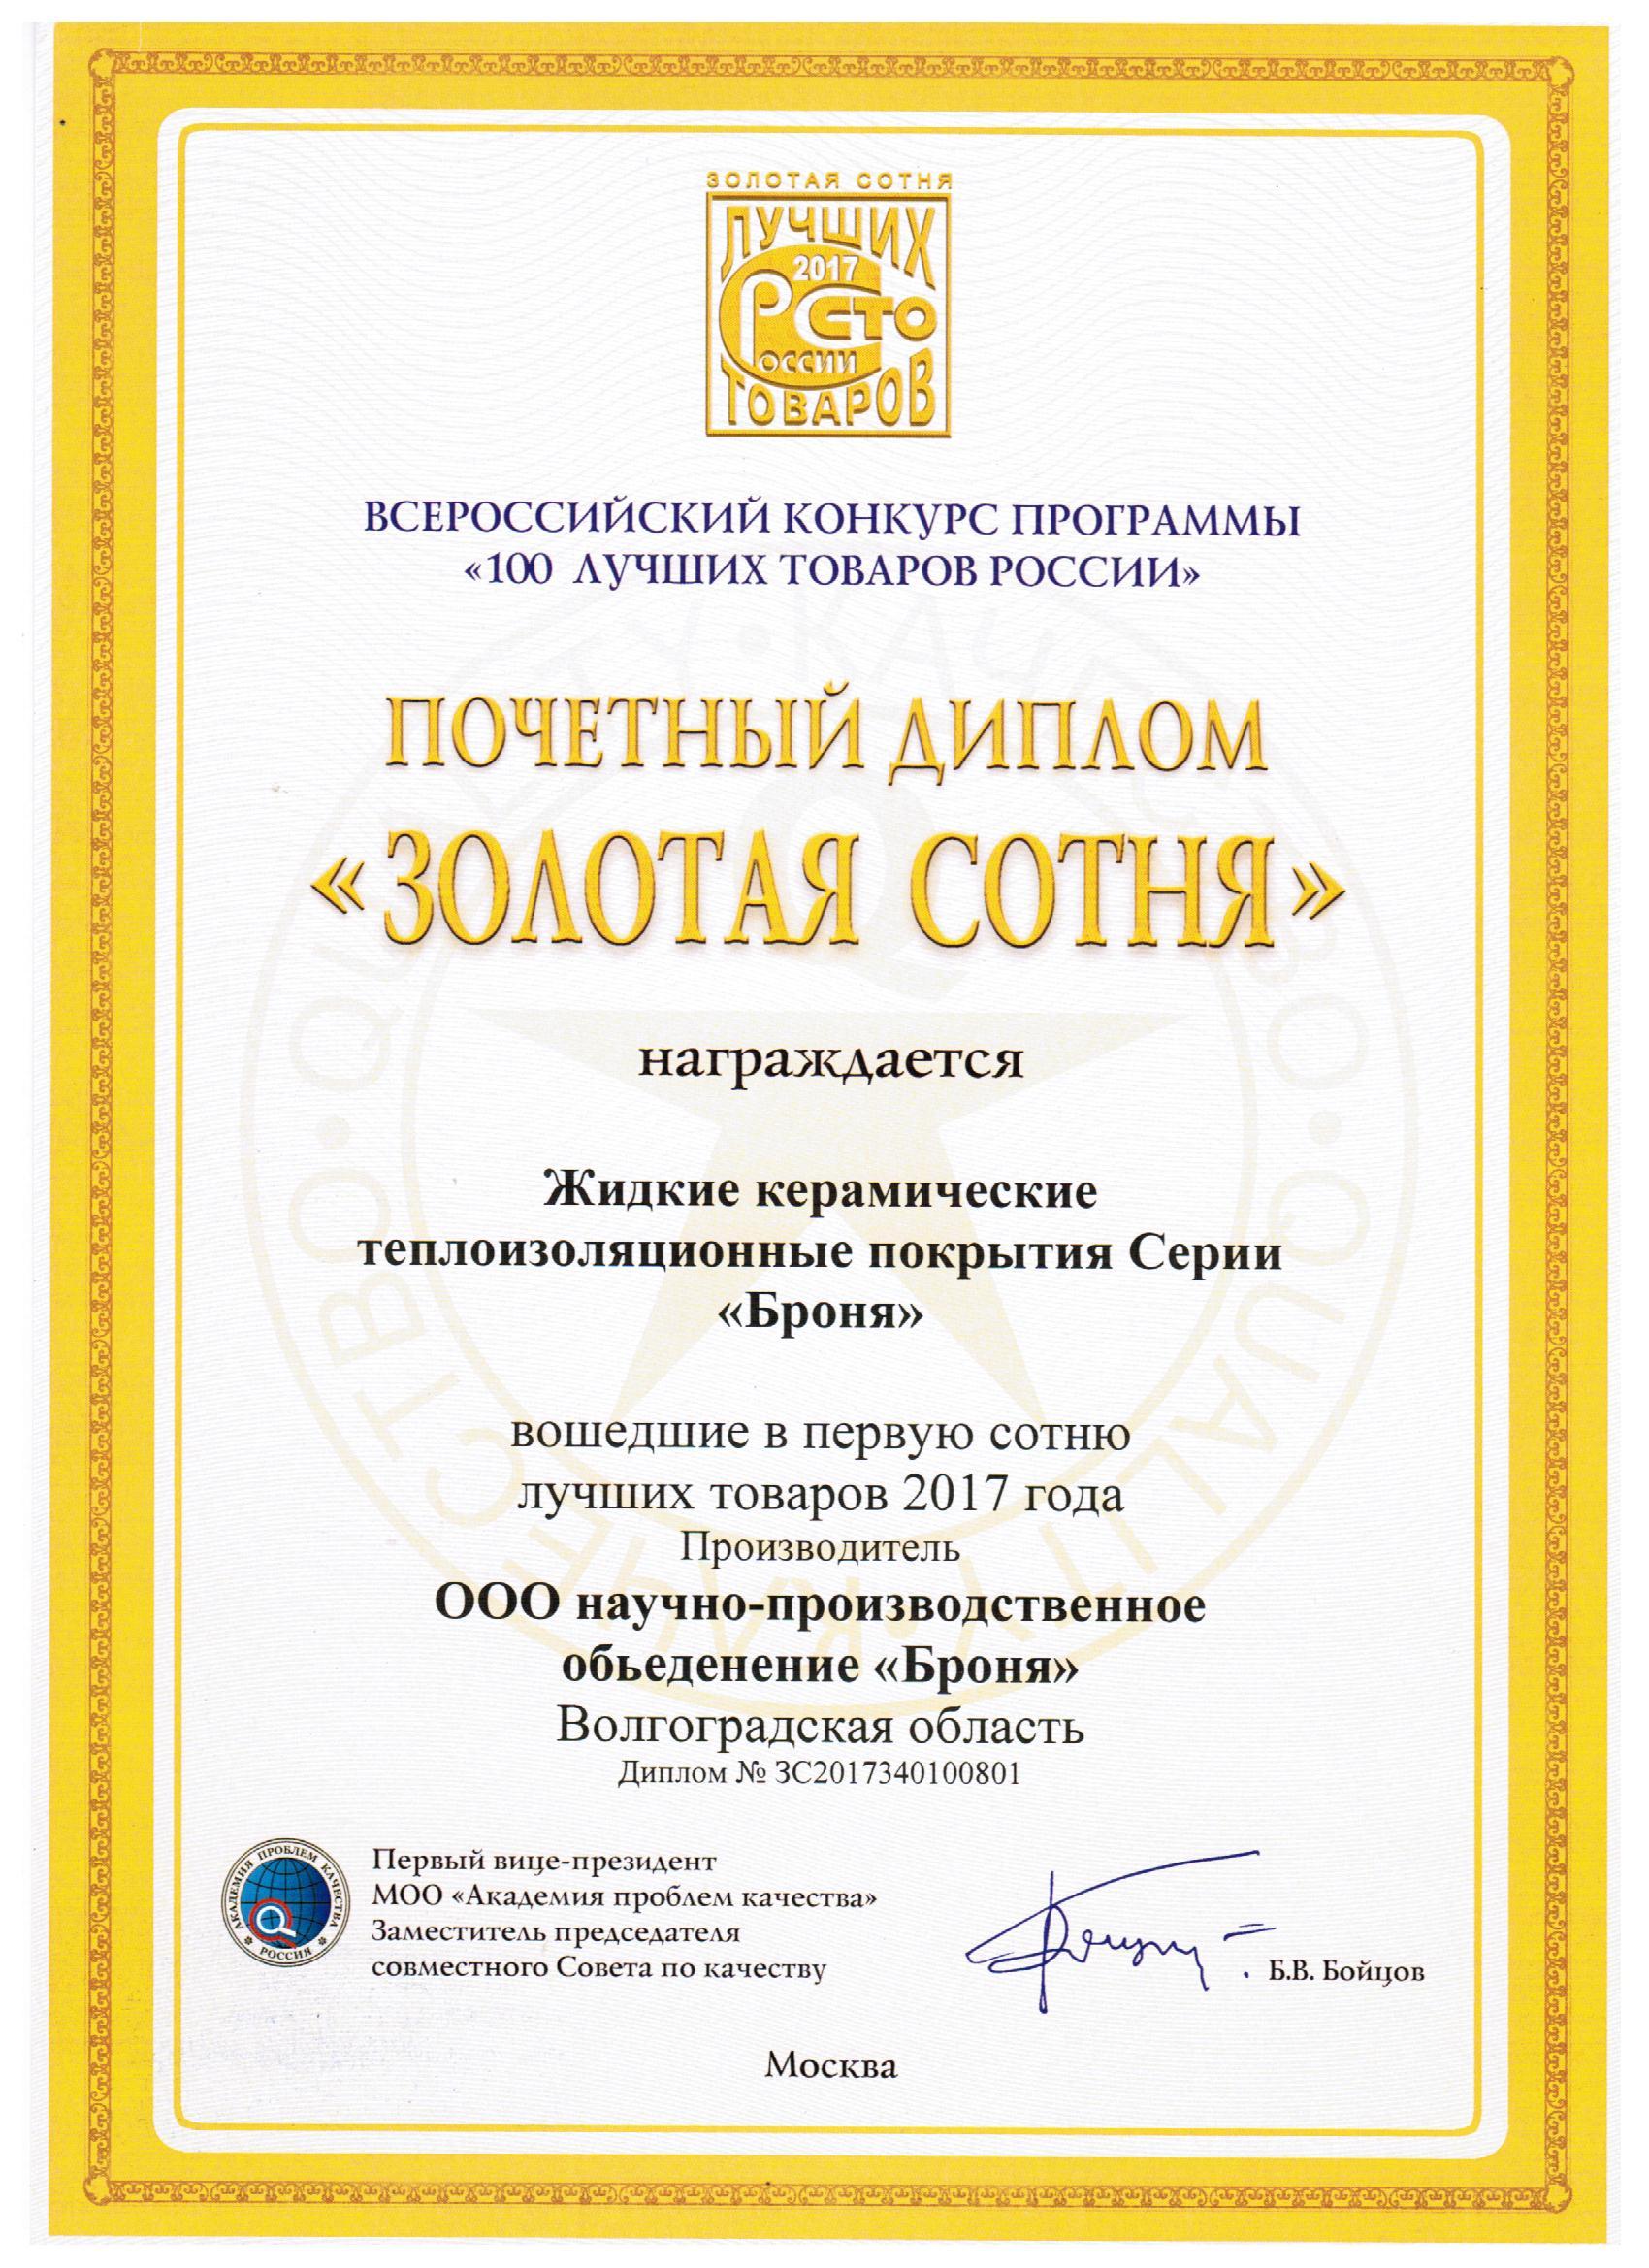 золотая сотня, 100 лучших товаров России